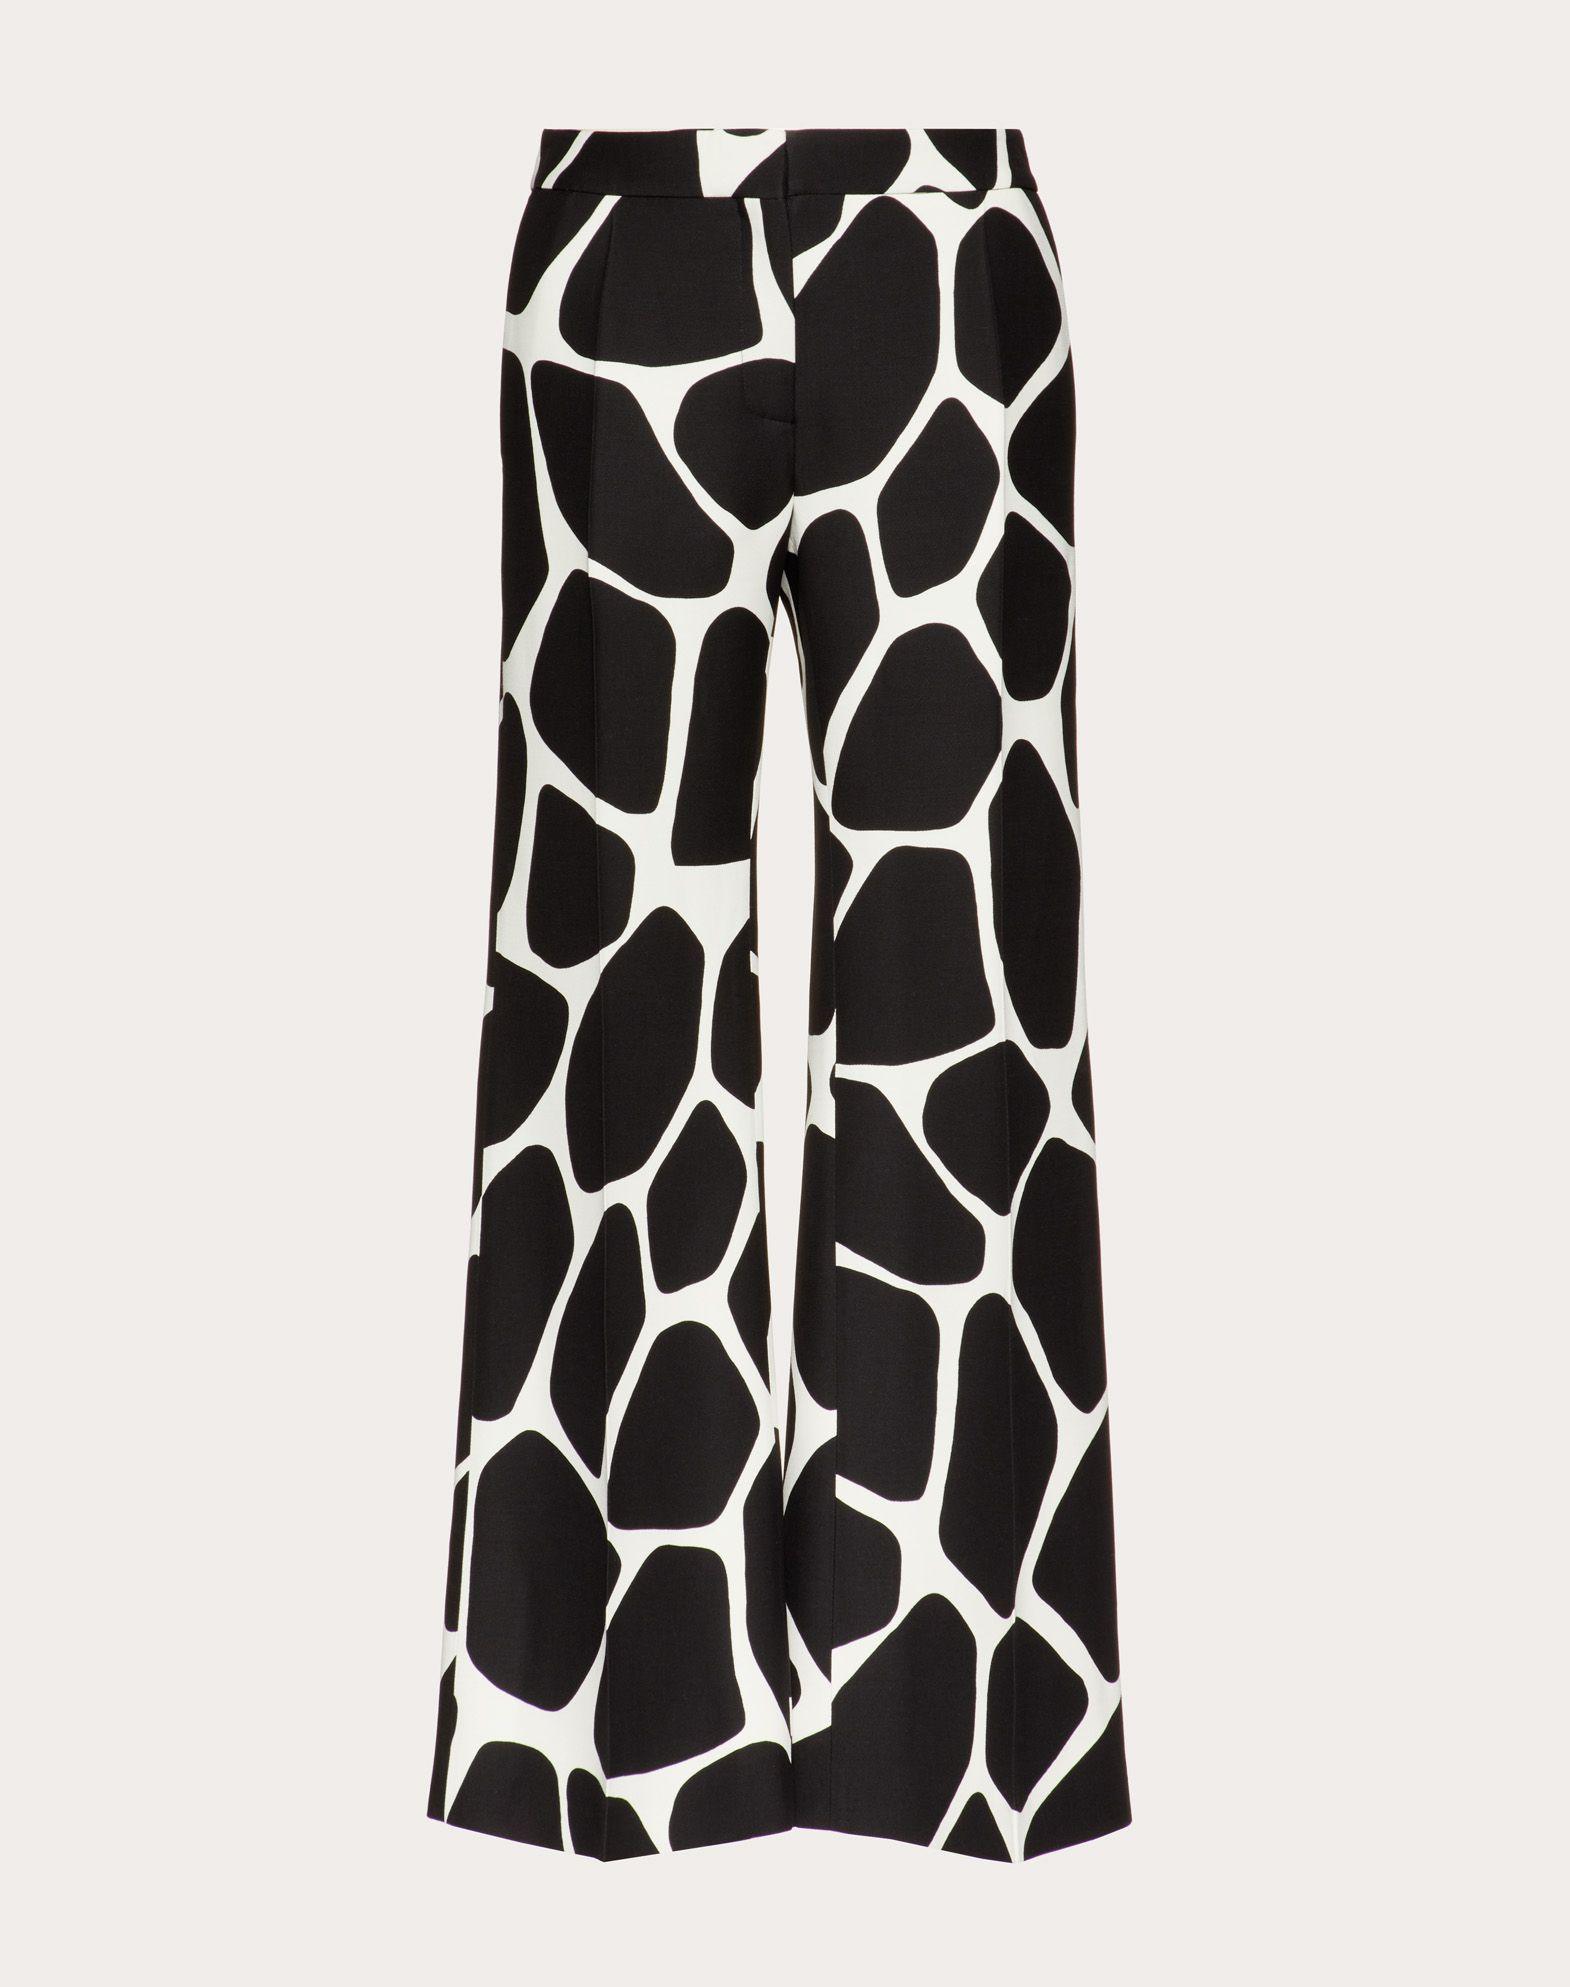 Pantalon imprimé en crêpe couture